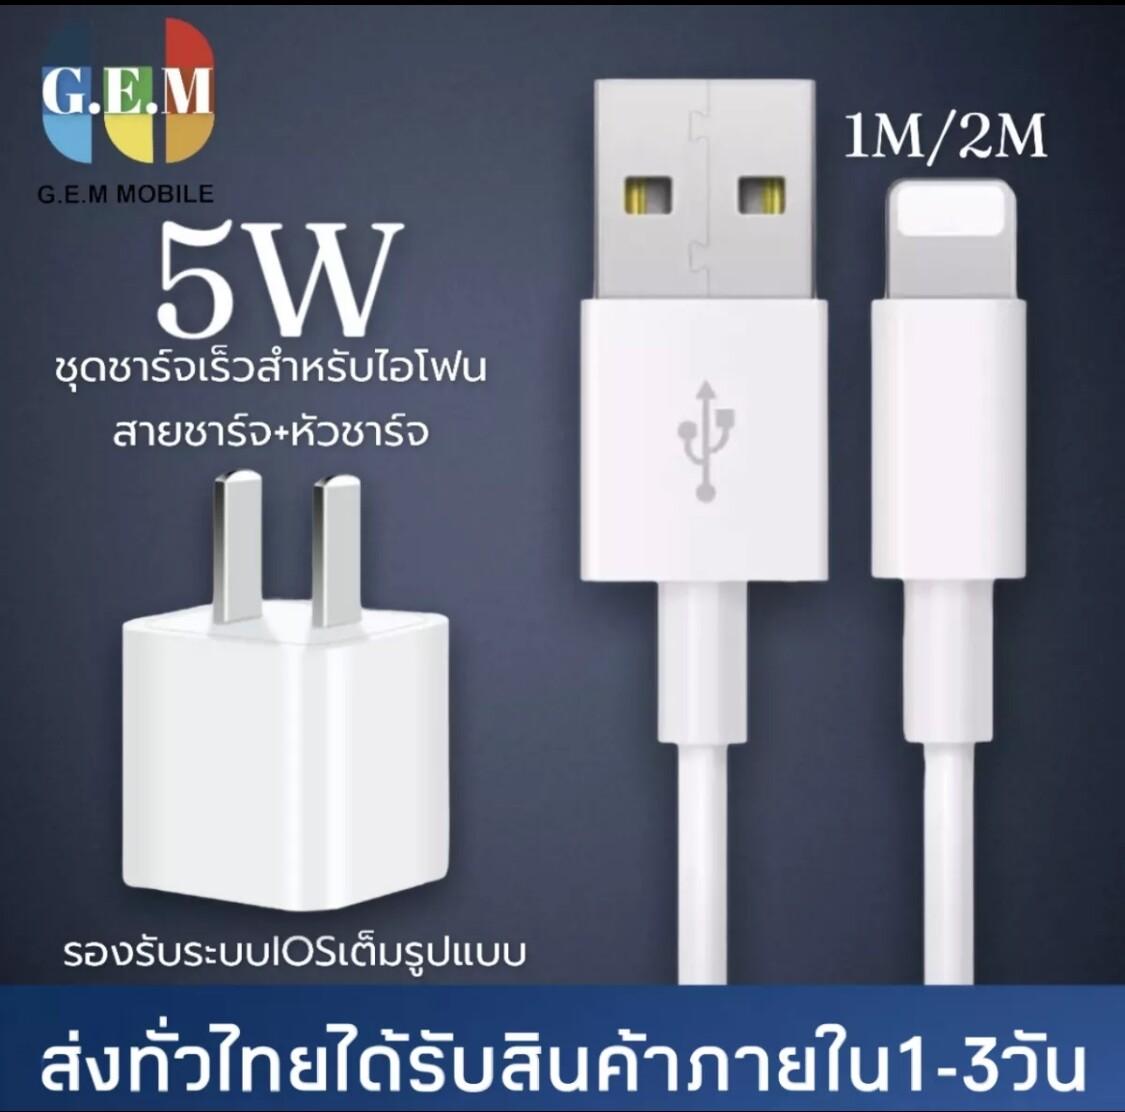 ชุดชาร์จสำหรับไอโฟน ของแท้ สายชาร์จ+หัวชาร์จ (5W/12W) สำหรับ ไอโฟน 5 5S 6/6S 6P 7/8 7P/8P 11 11PRO 11PRO MAX XR XS XS MAX iPad iPodมีการรับประกัน 1 ปี